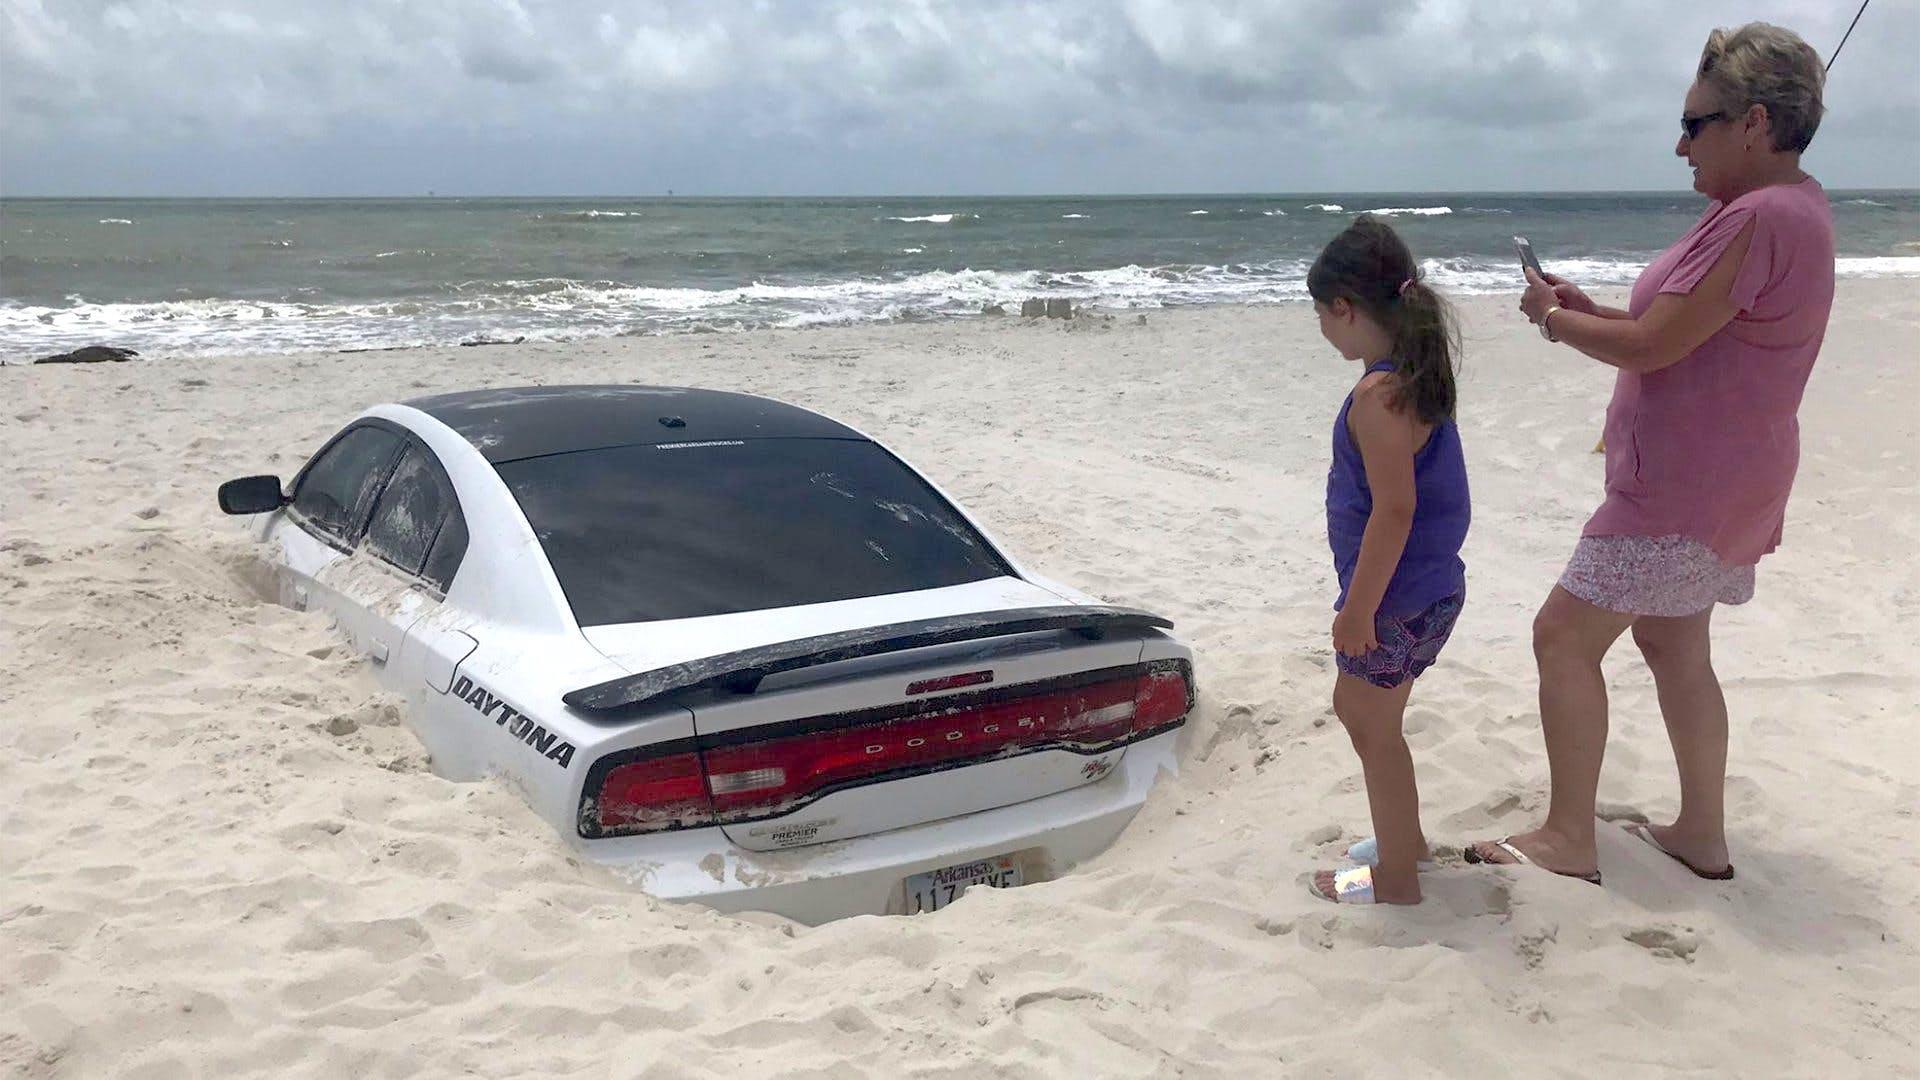 Ураган закопал Dodge Charger в песок 2